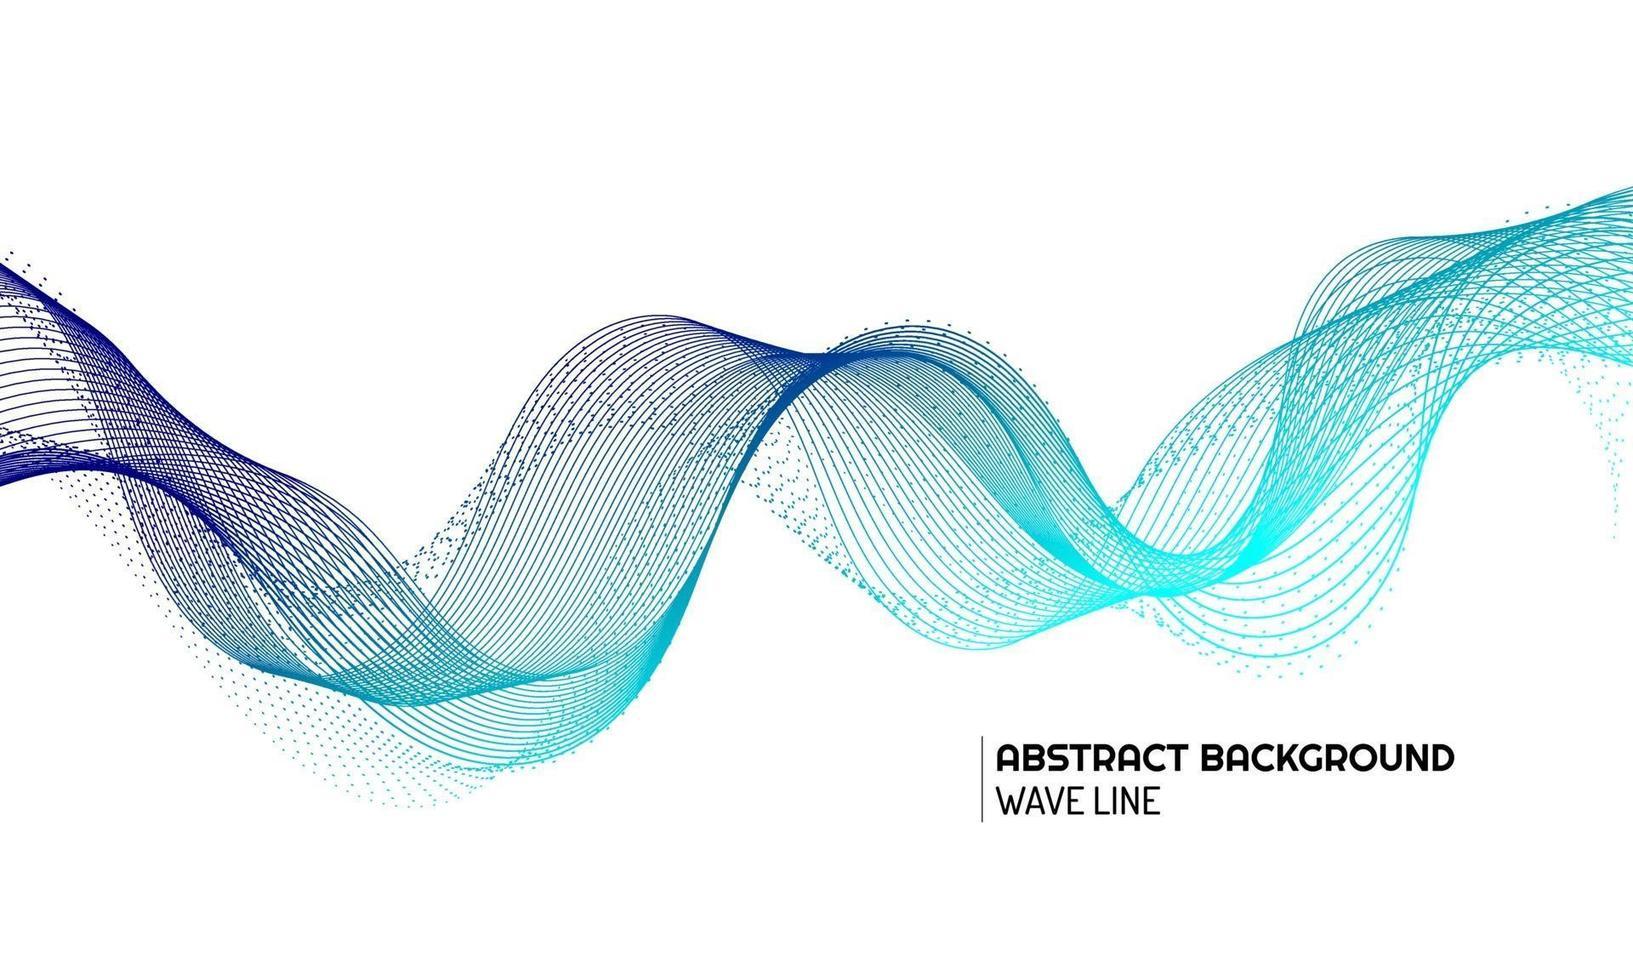 elemento de onda abstracta para el diseño vector